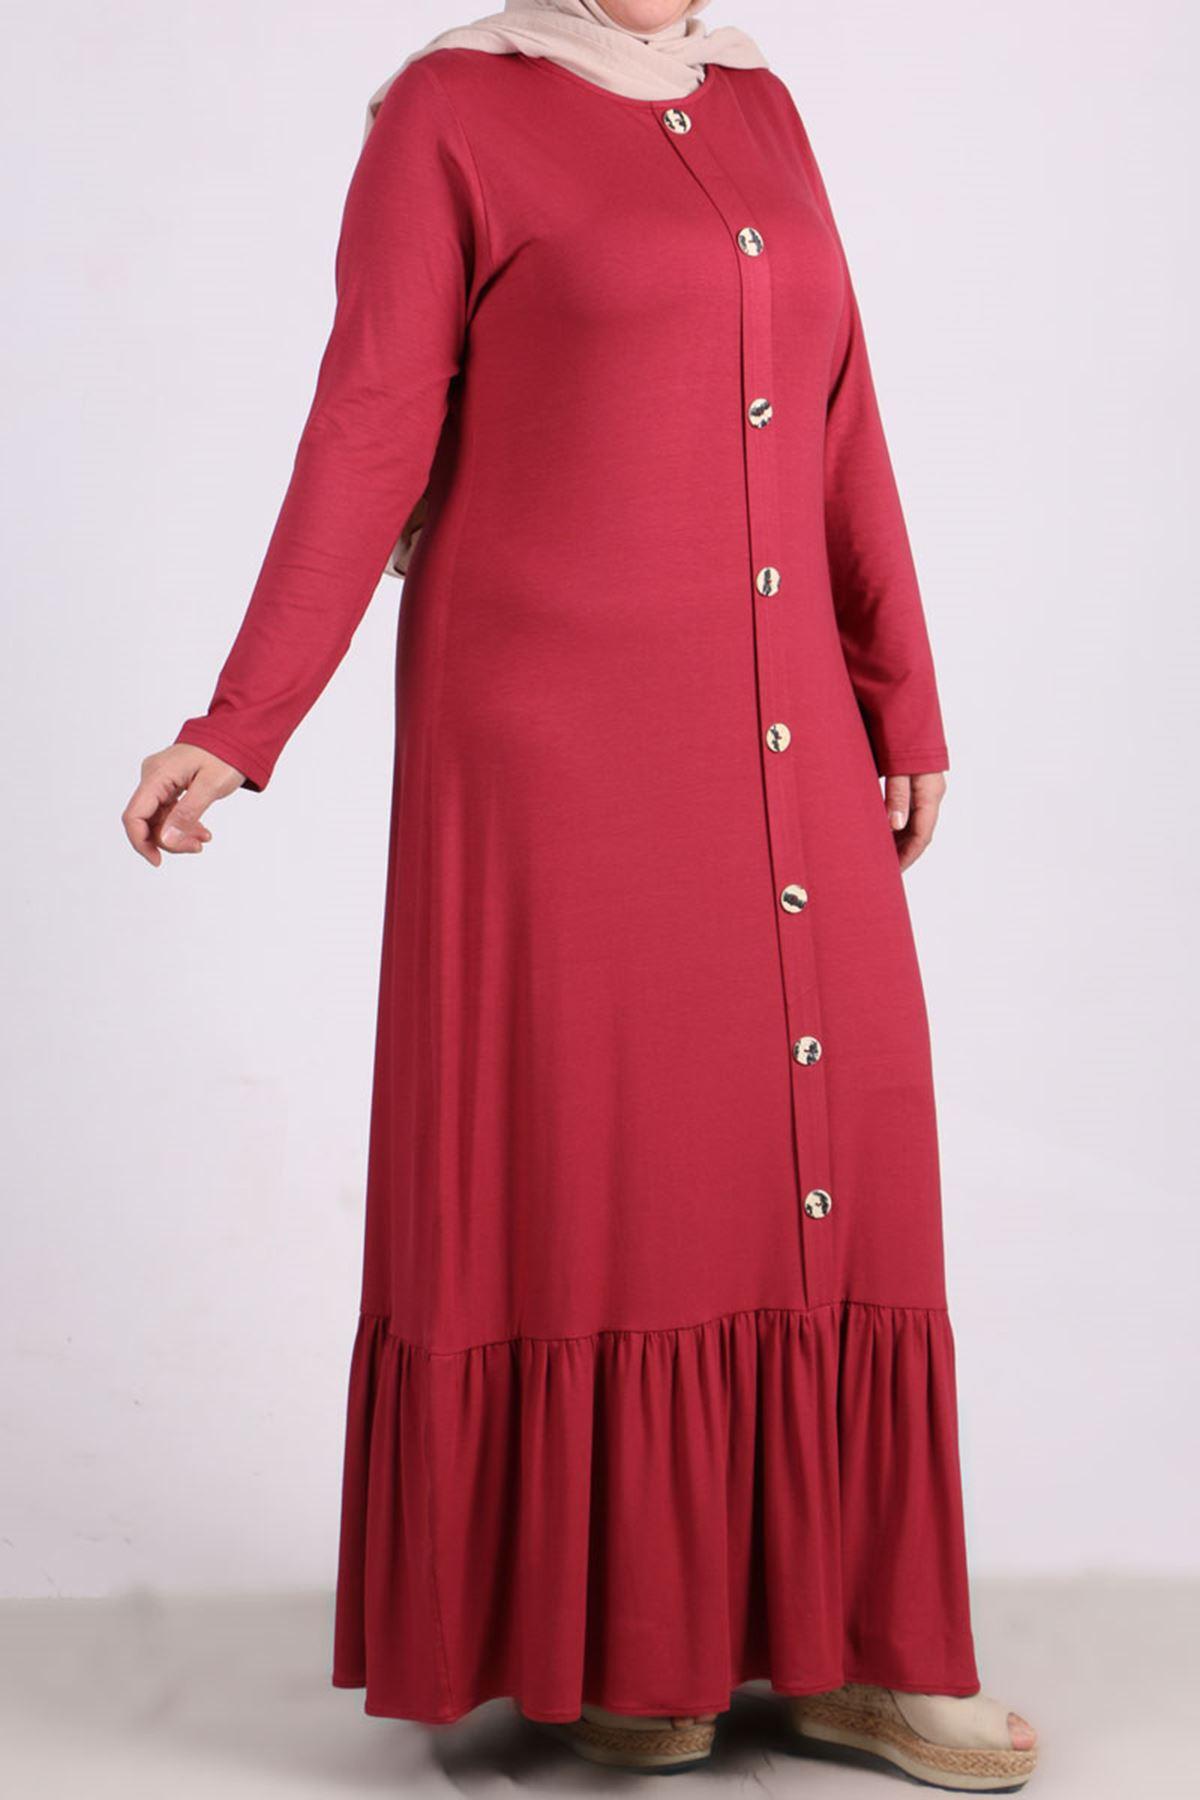 2090 Büyük Beden Önü Düğmeli Penye Elbise - Koyu Gül